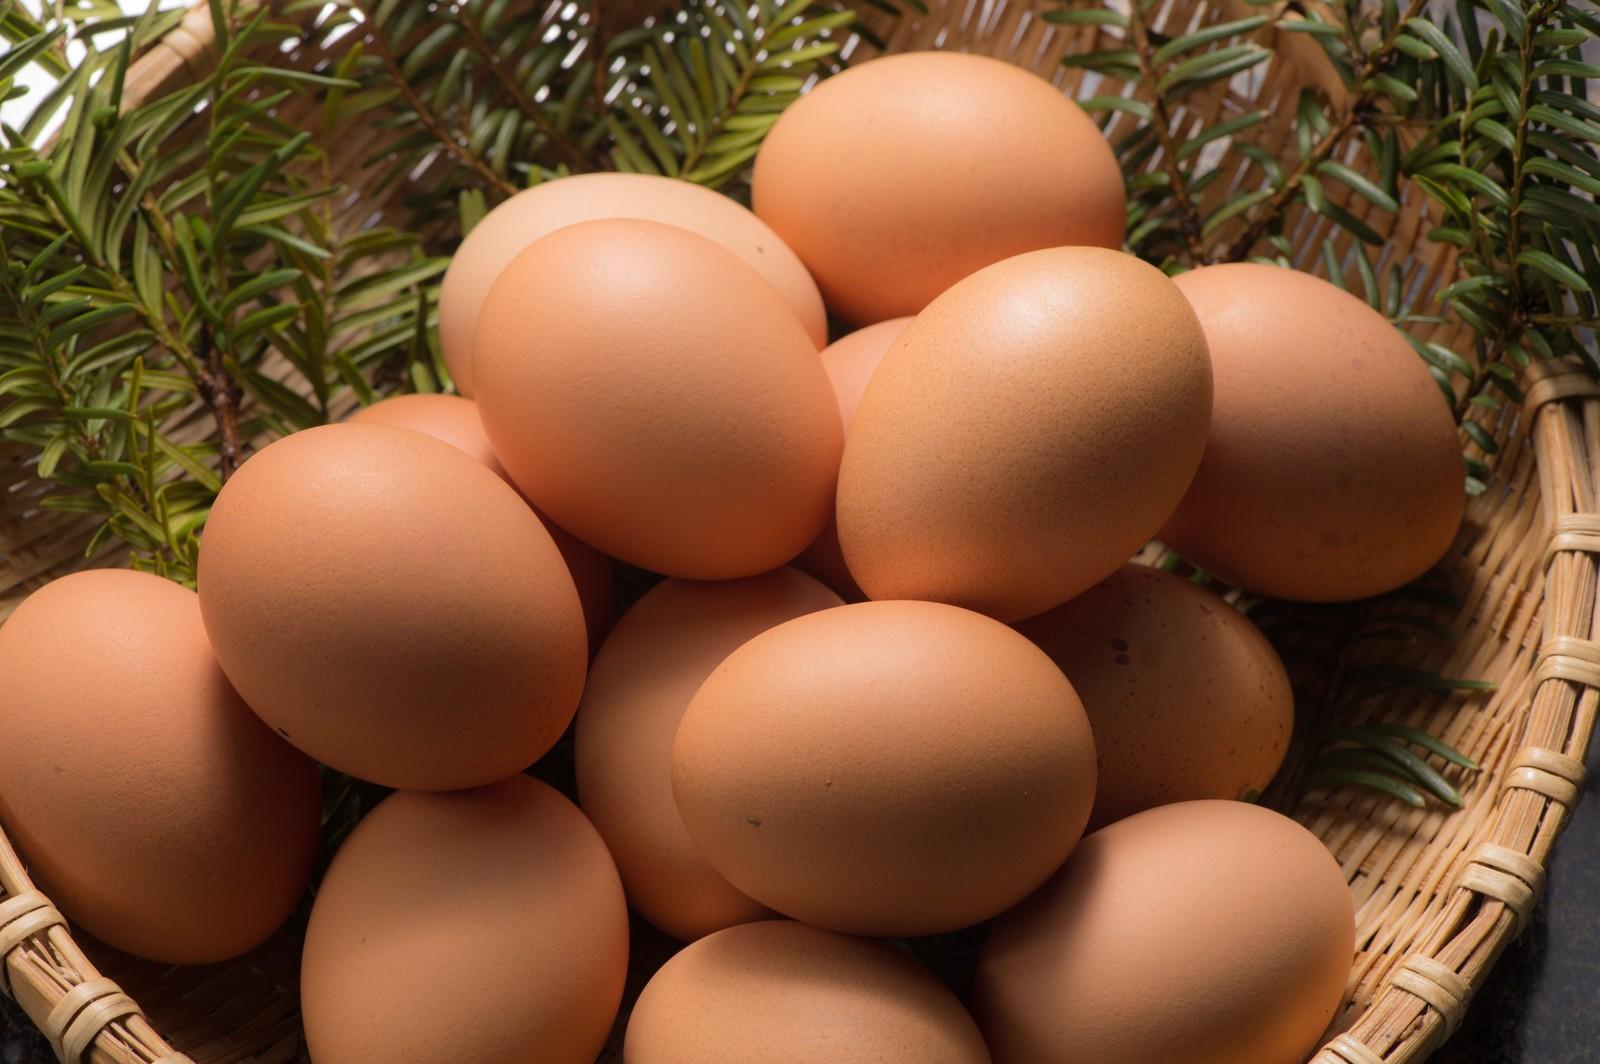 インターンシップ参加者募集中!【ベトナム・新卒・2018年4月入社】おいしく安全・新鮮な「卵」を武器に、日本・アジアの畜産業を進化させる会社!